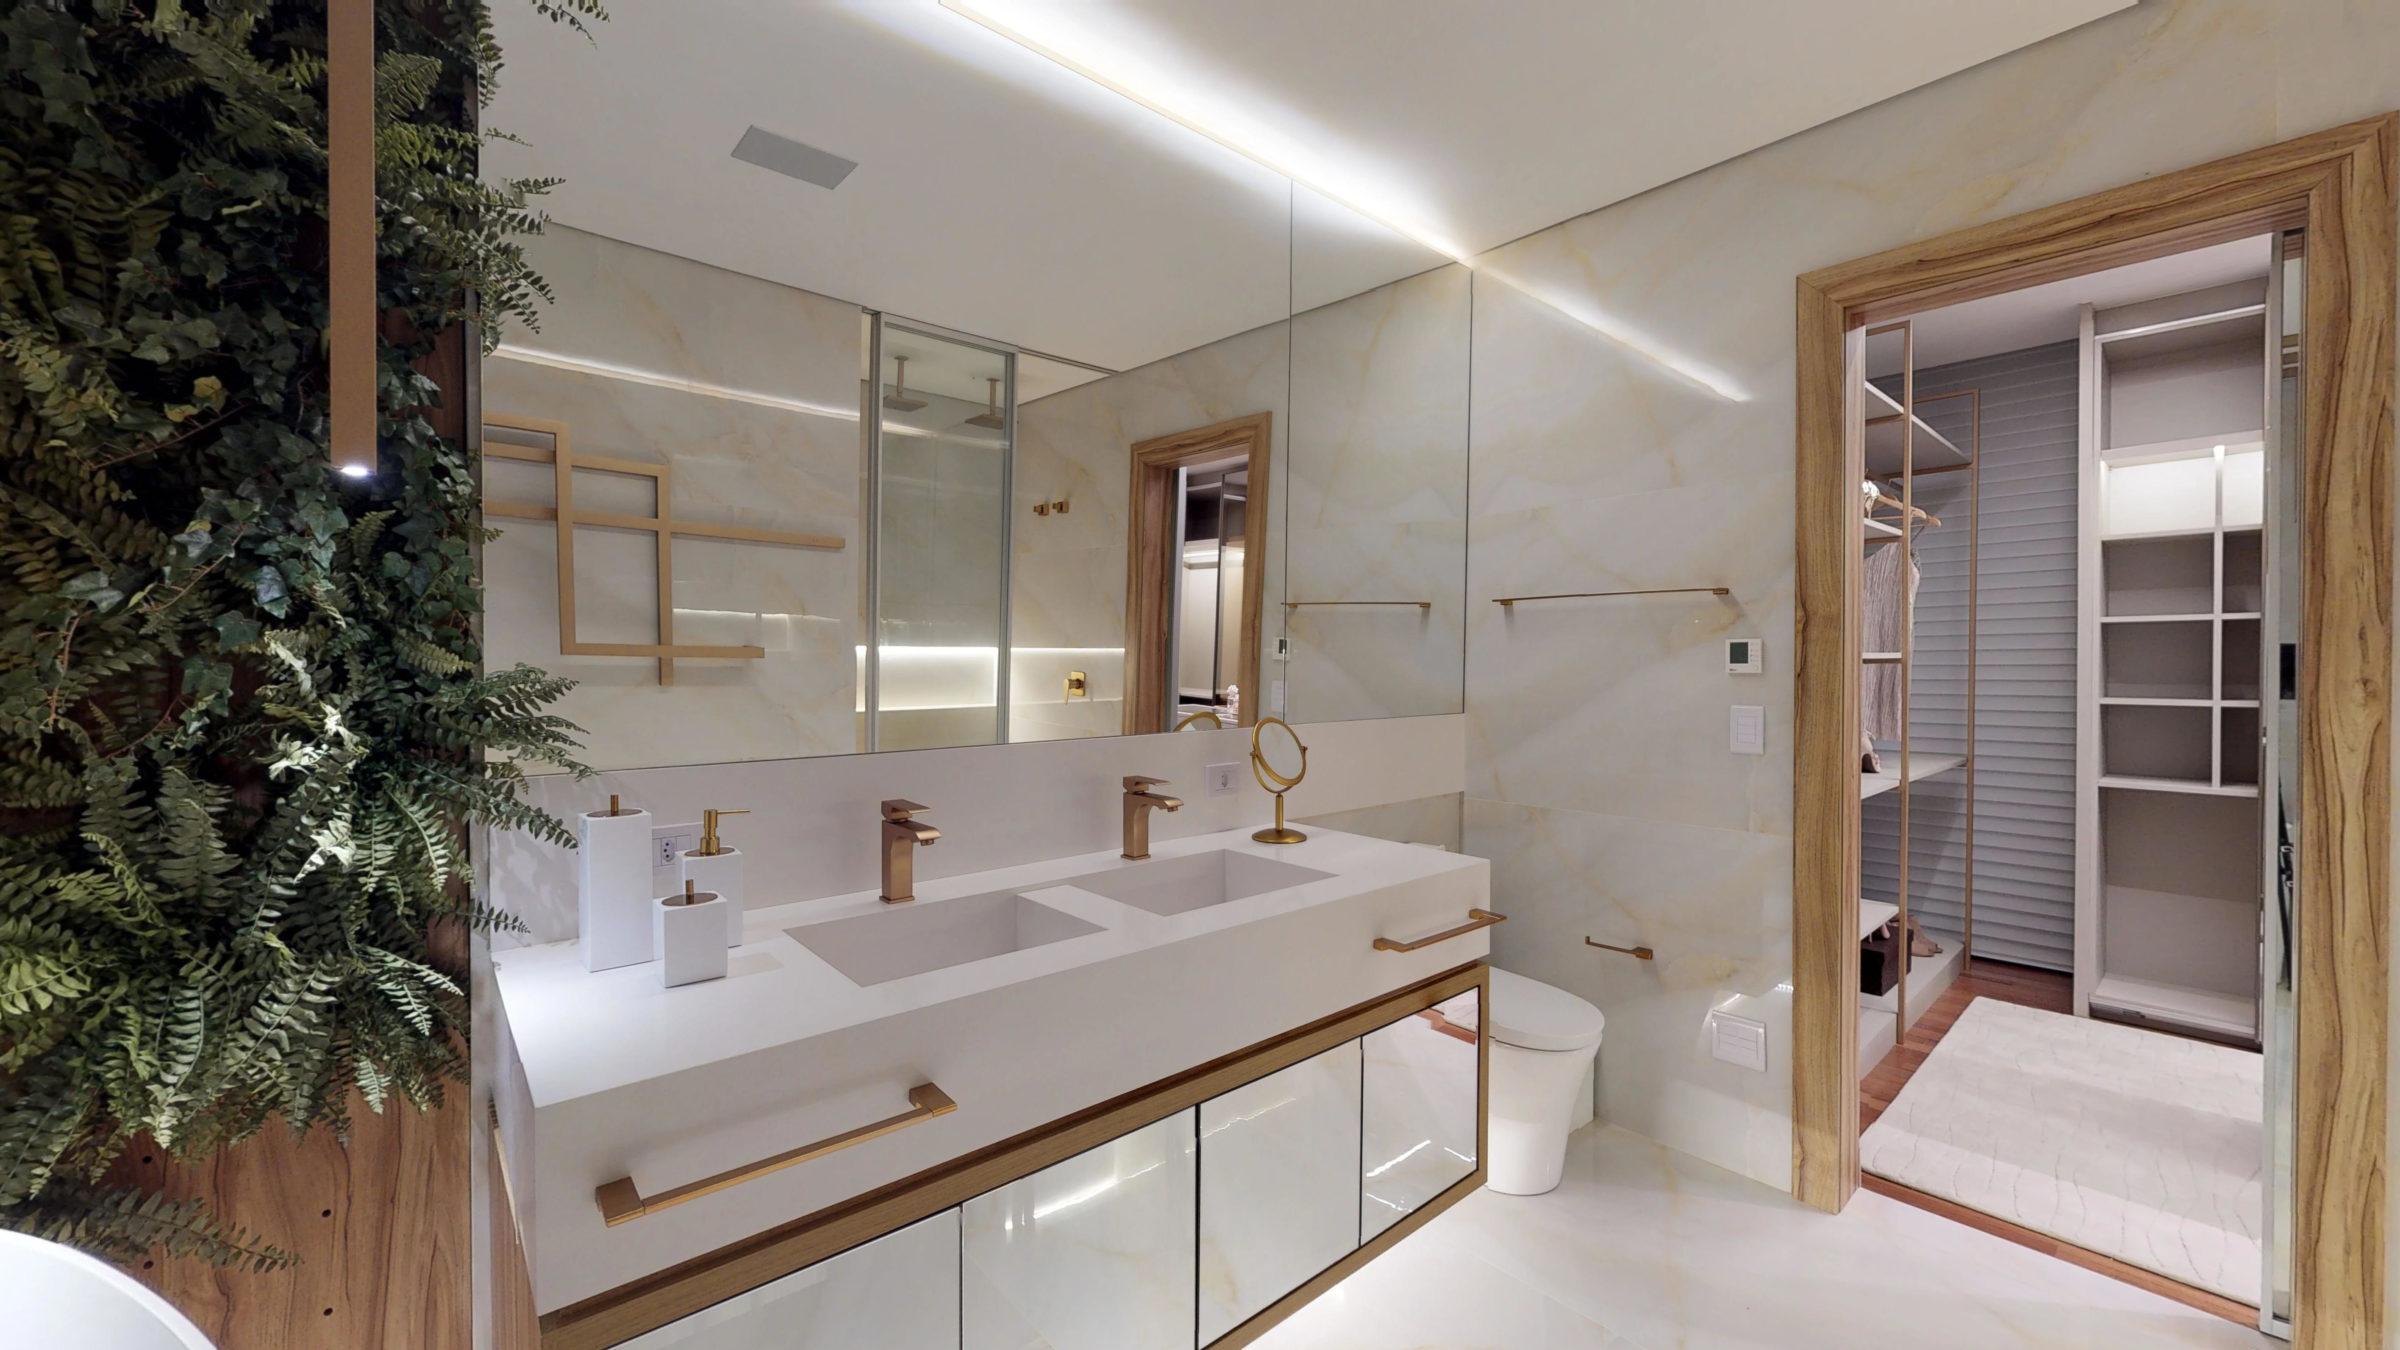 Fotos de Imóvel, Fotografia Imobiliária interna banheiro wc